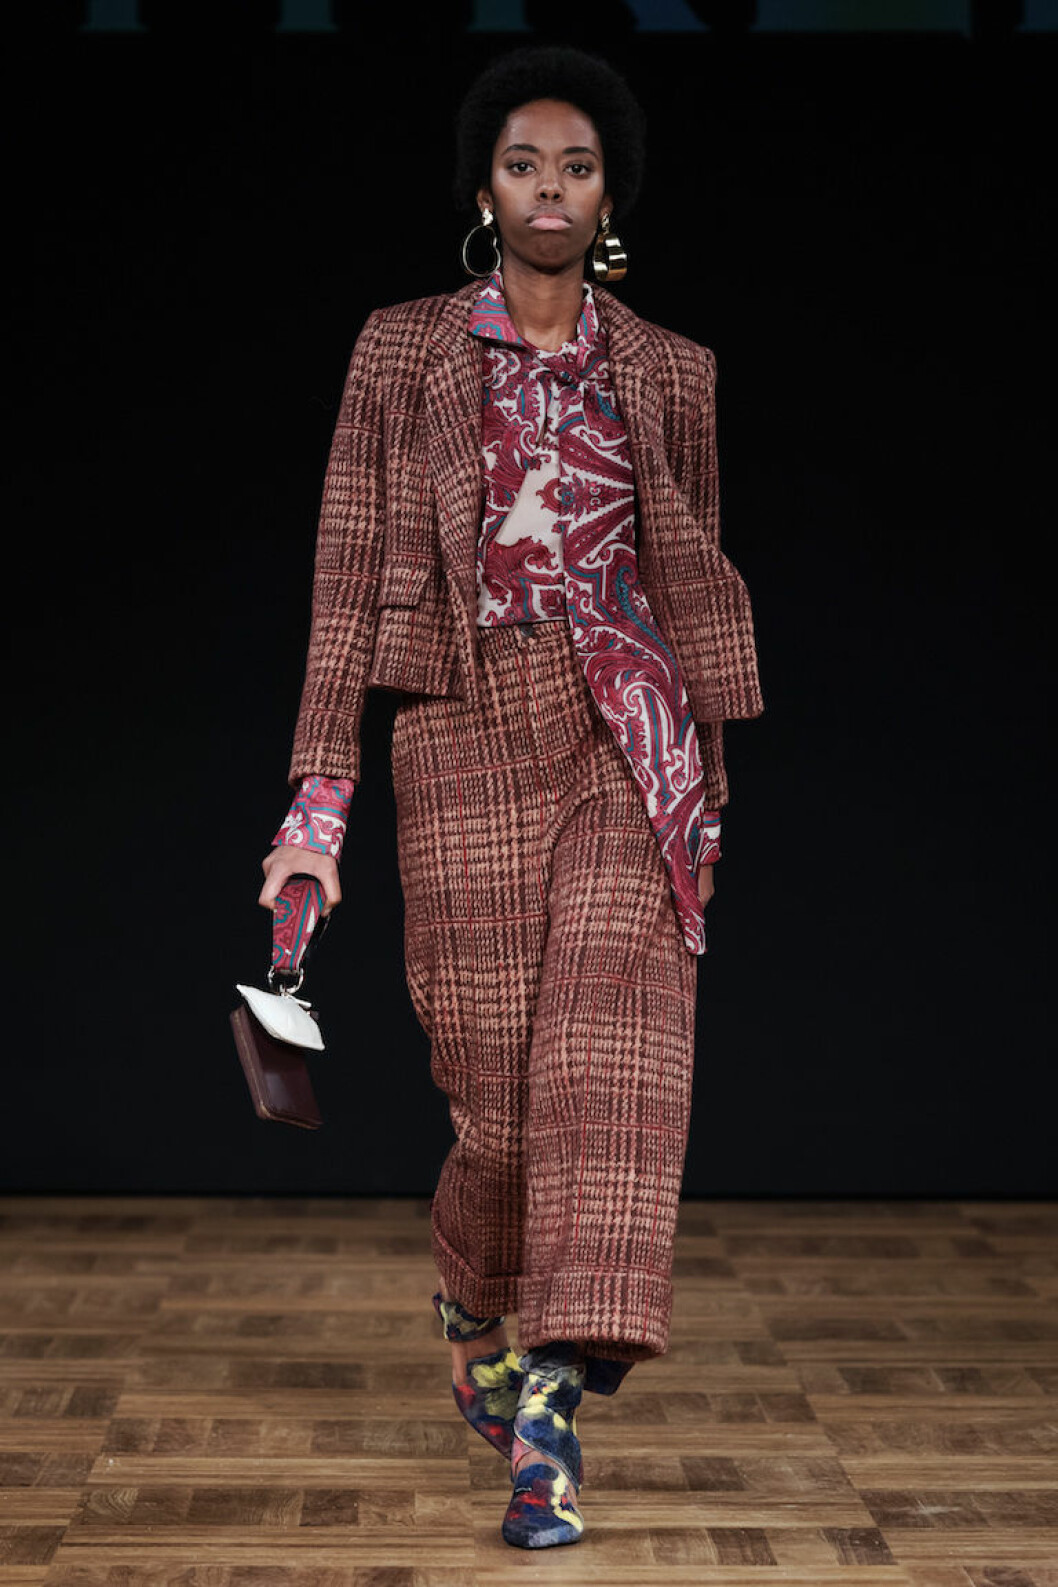 Vinröd rutig kostym från Whyred AW18.